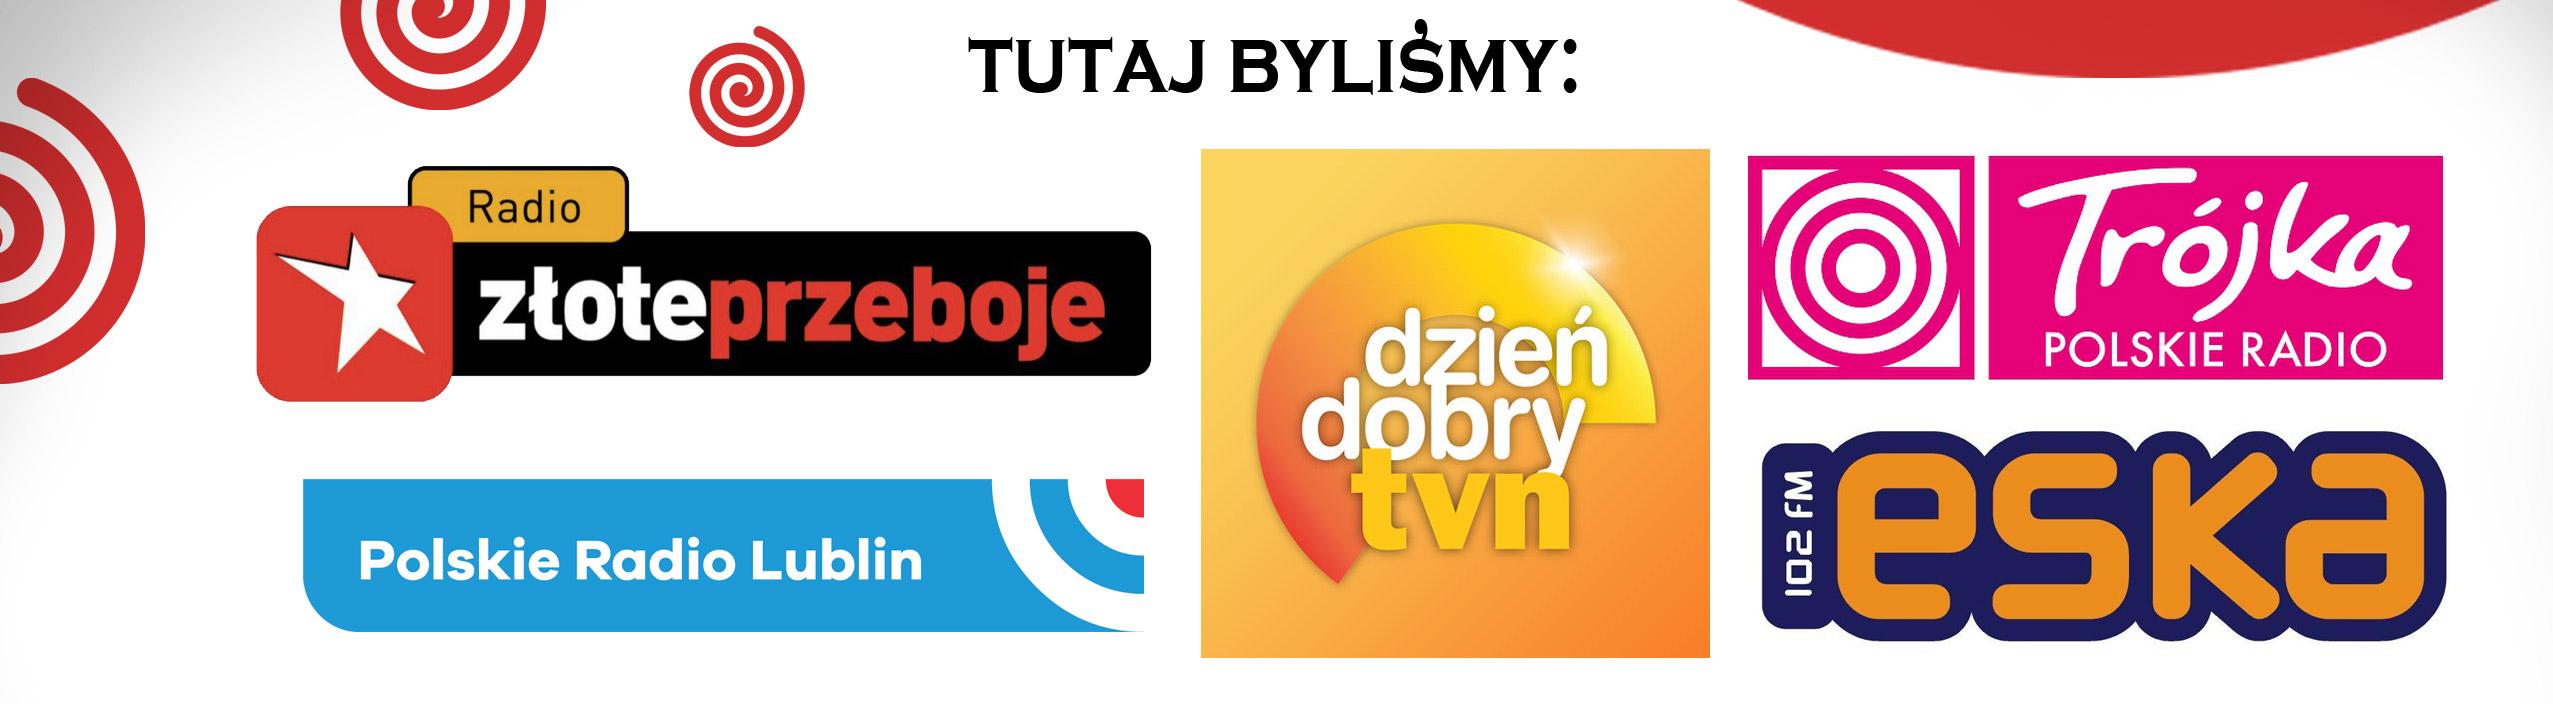 miejsca, w których była apokalipka, radio eska, dzień dobry tvn, radio złote przeboje, polskie radio lublin, trójka polskie radio